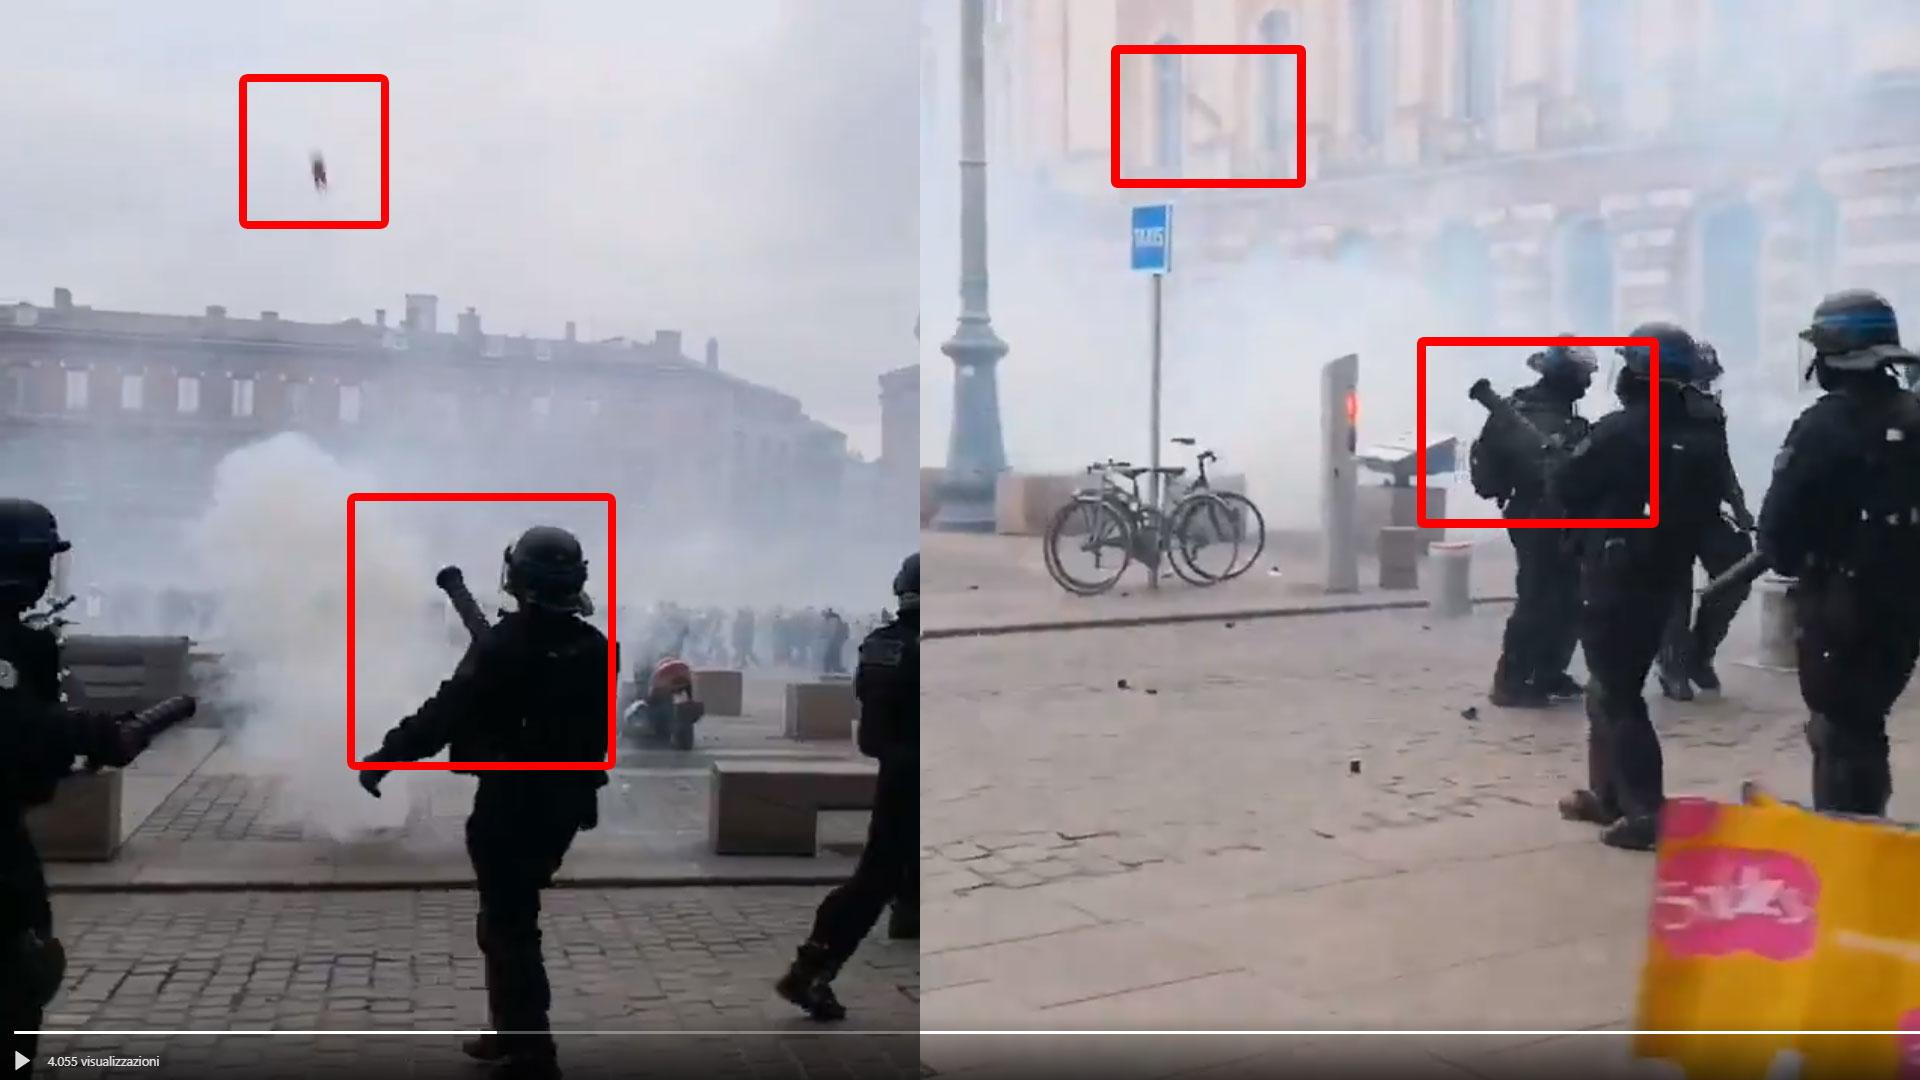 La bufala degli elicotteri di Macron che lanciano lacrimogeni ai Gilet gialli foto 6